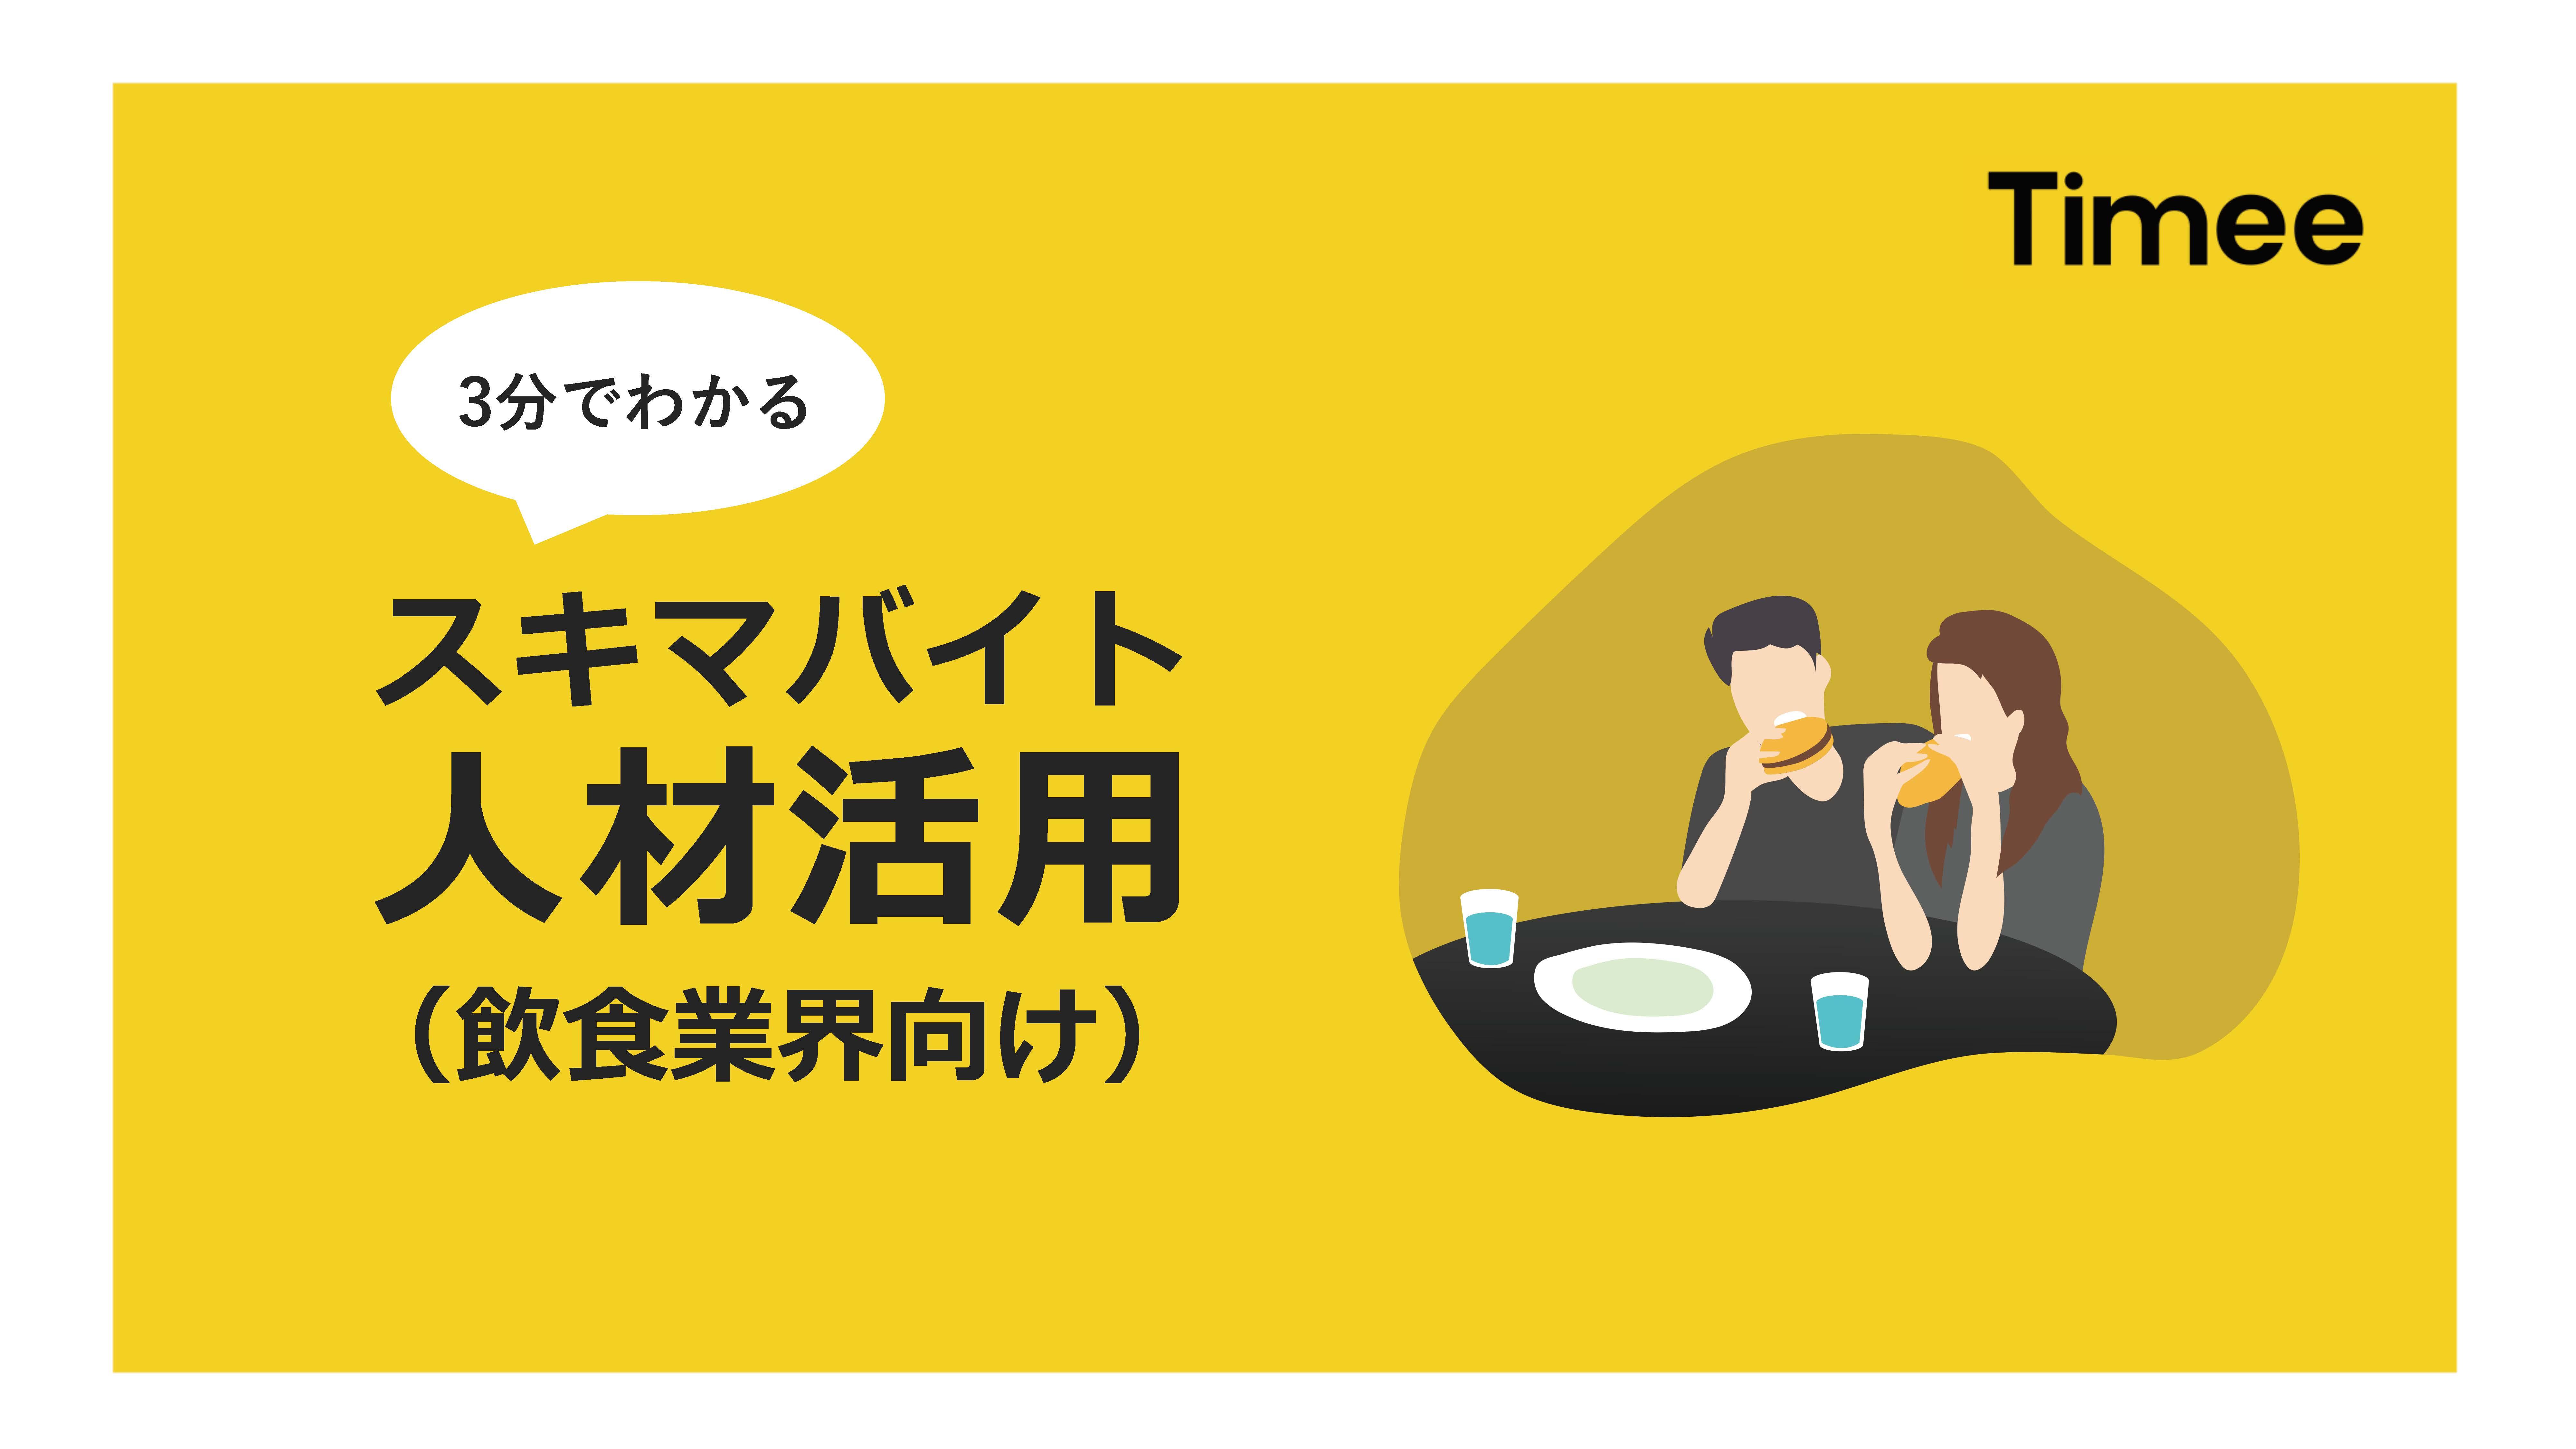 スキマバイト人材活用(飲食業界向け)